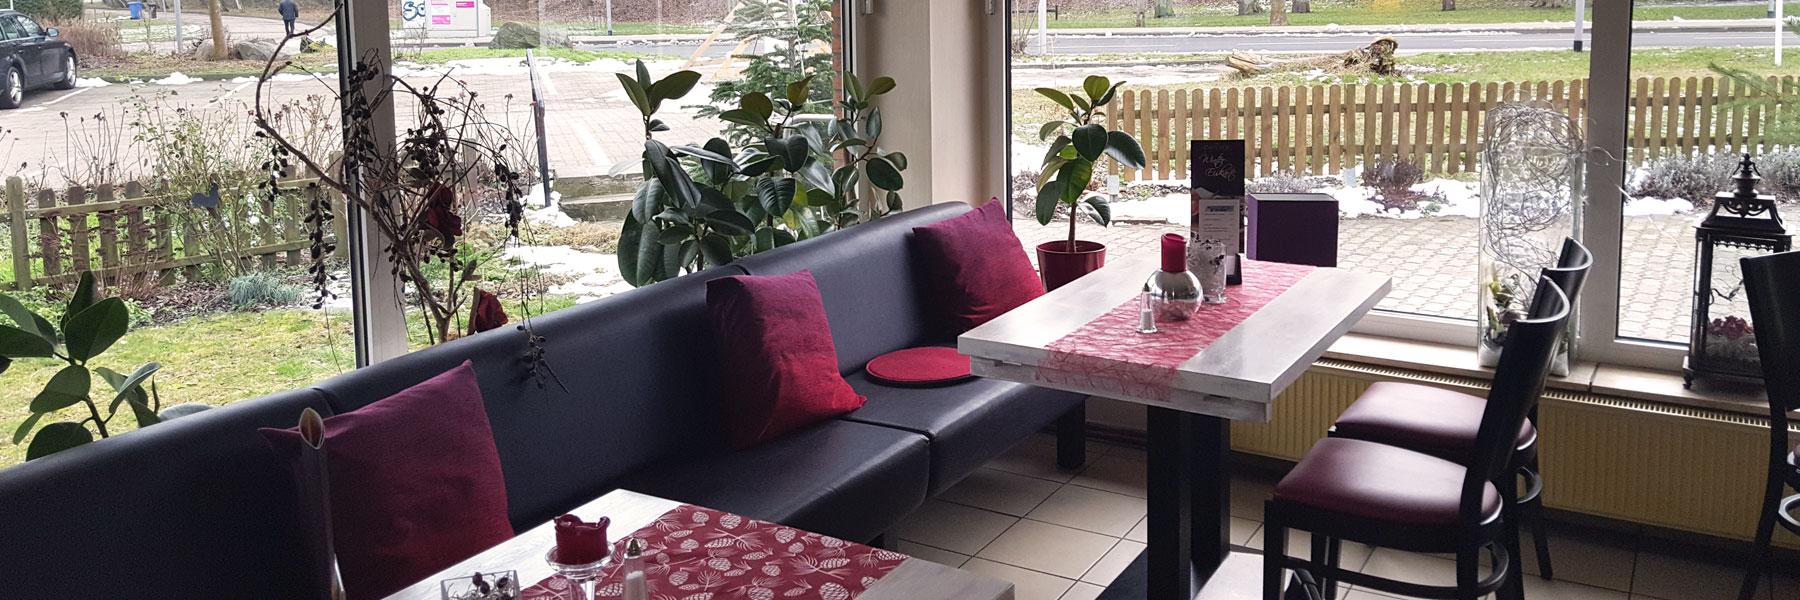 Cafe - Restaurant & Café Lorenz